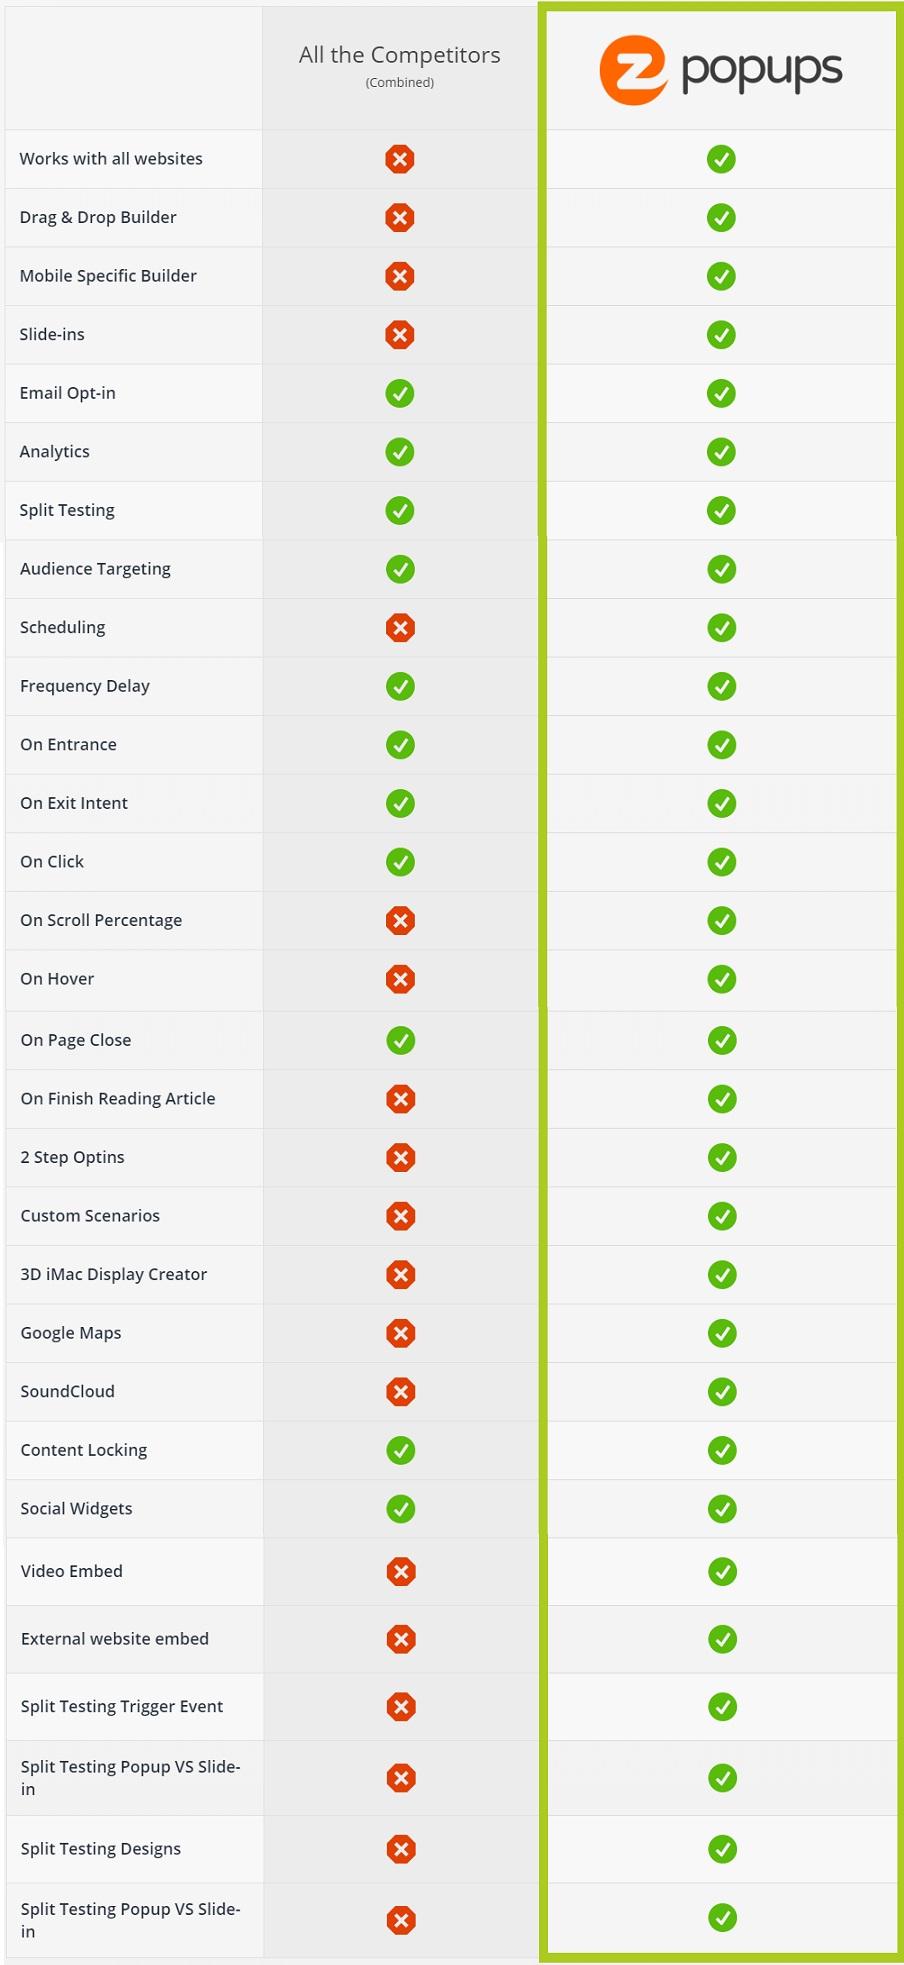 Compare EZPopups